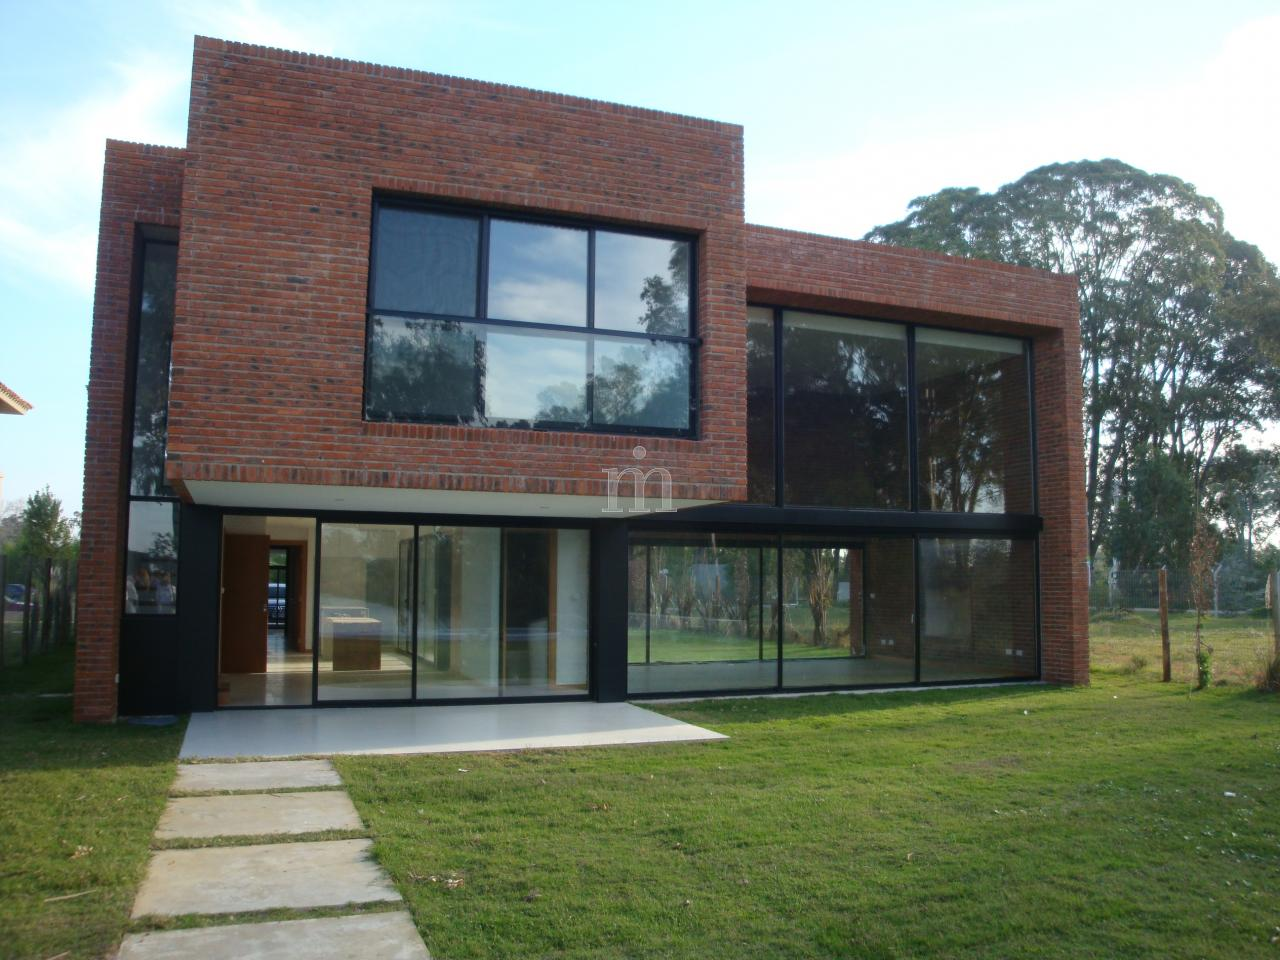 Parque miramar casa estilo minimalista a estrenar for Casa minimalista uruguay